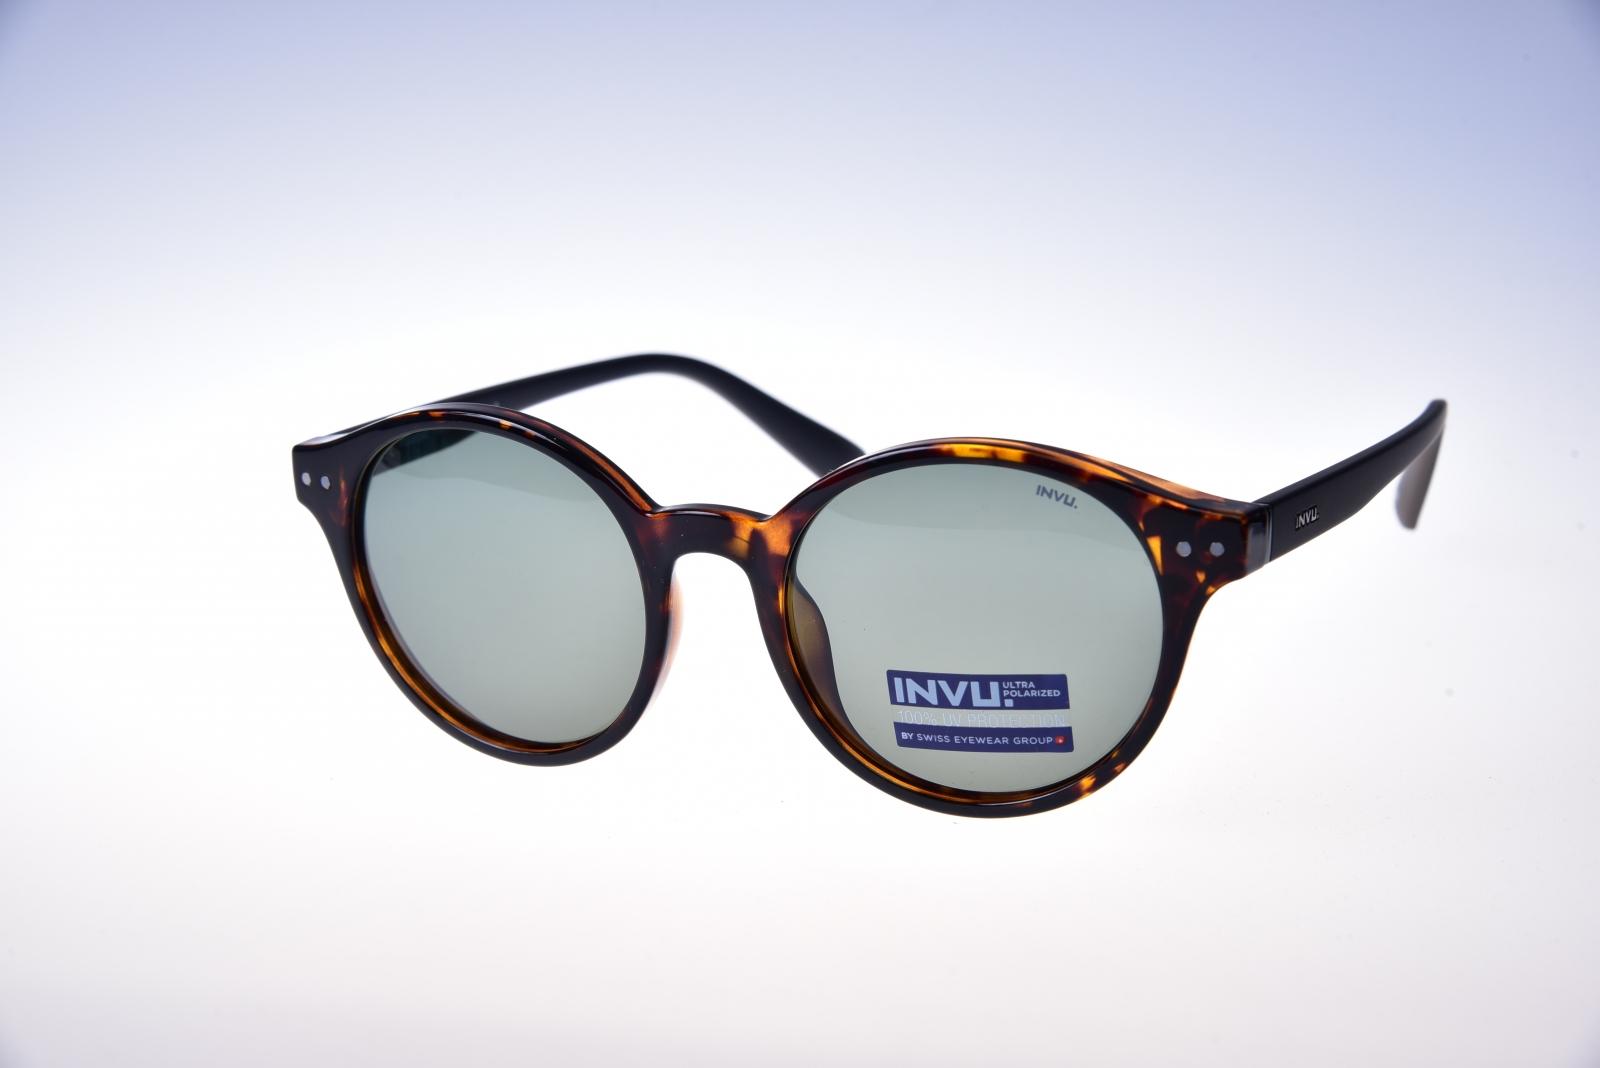 5e4033ef7 INVU. Trend T2903B - Dámske, pánske a detské slnečné okuliare ...